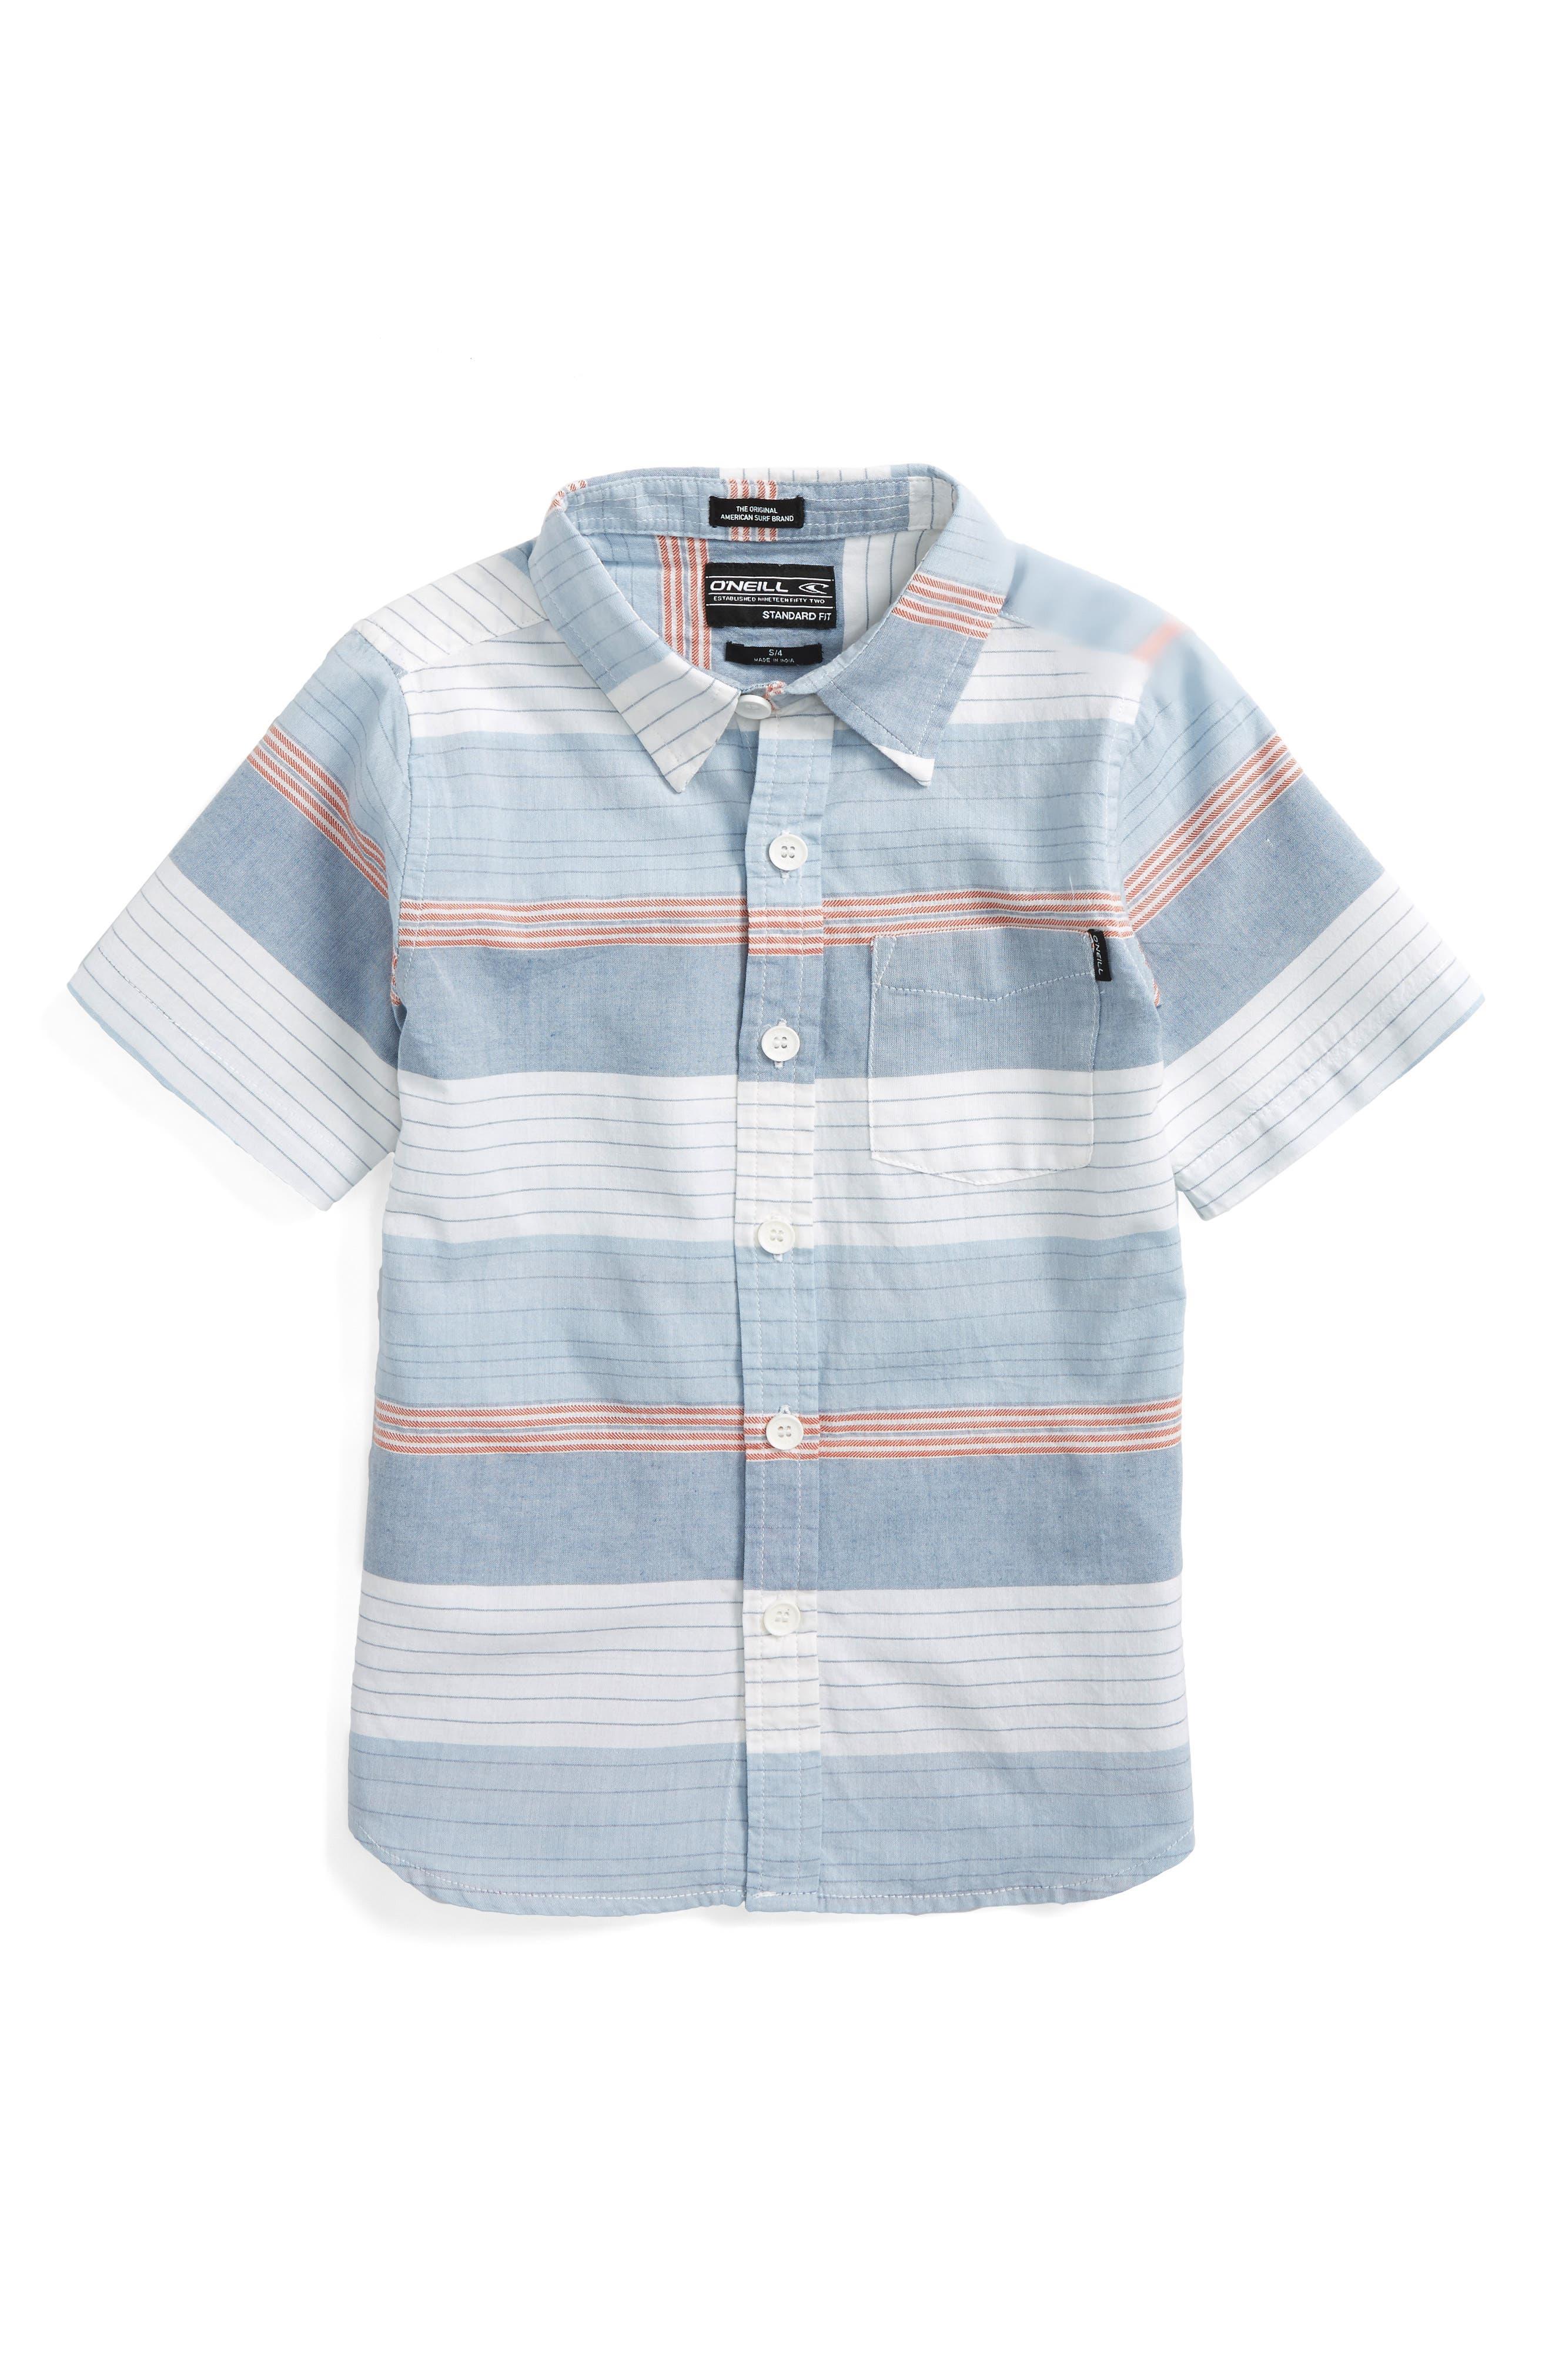 O'NEILL Rhett Woven Shirt